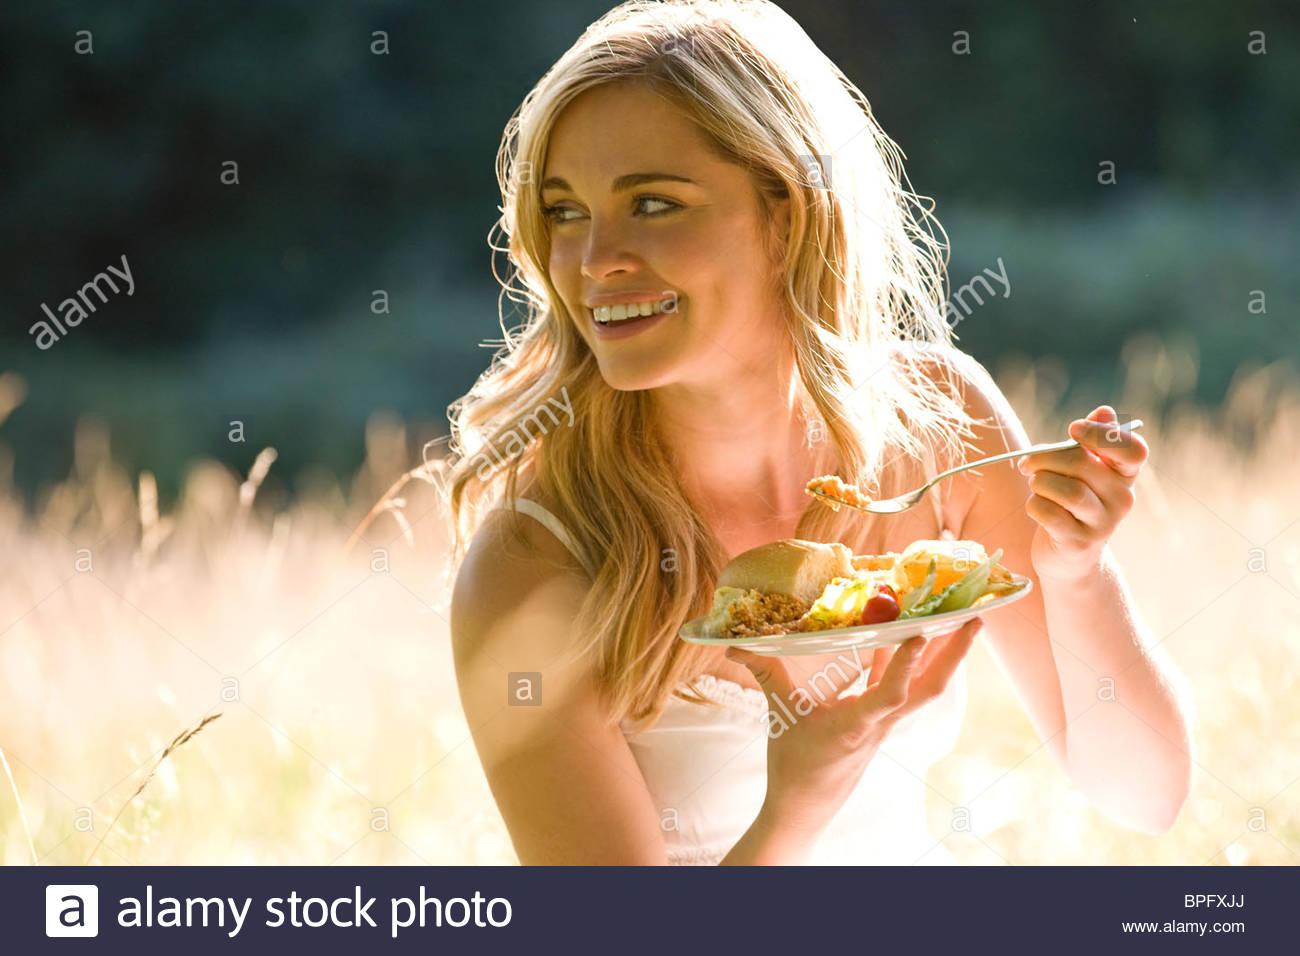 Une jeune femme assise sur l'herbe, manger Photo Stock